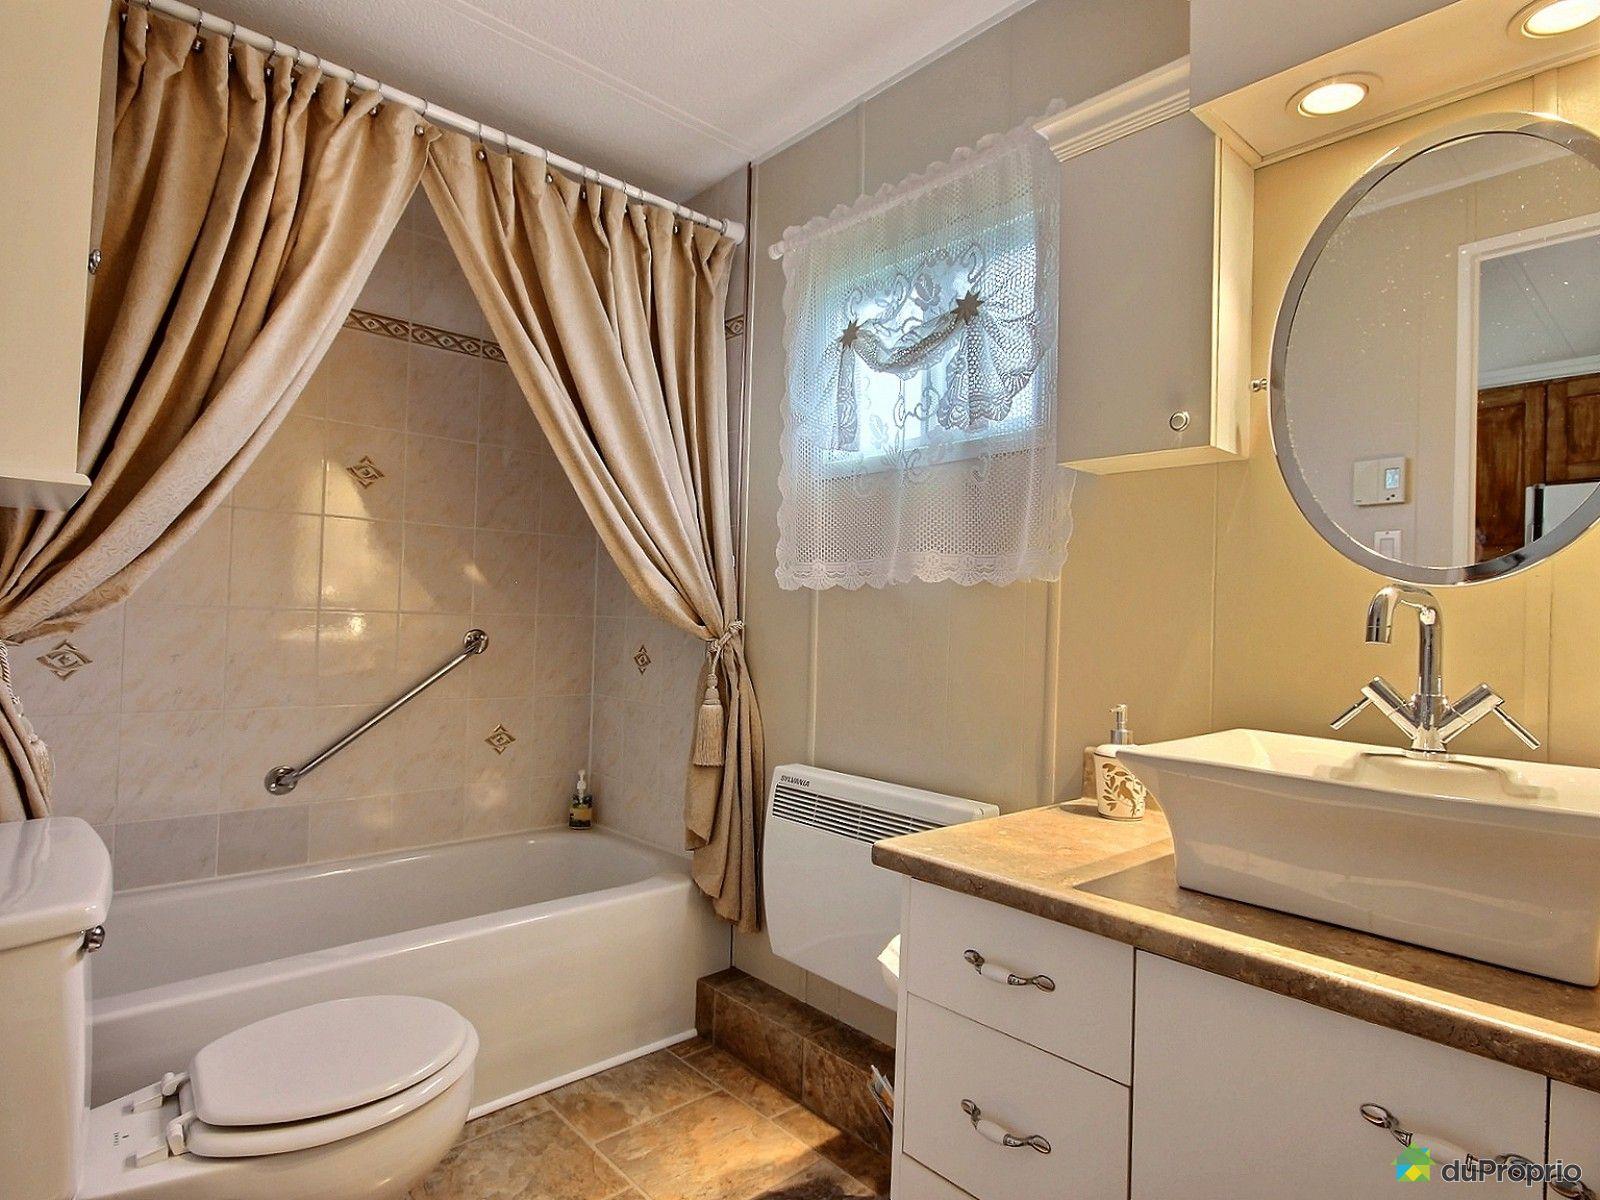 Maison vendu ch teau richer immobilier qu bec duproprio for Salle de bain mobile